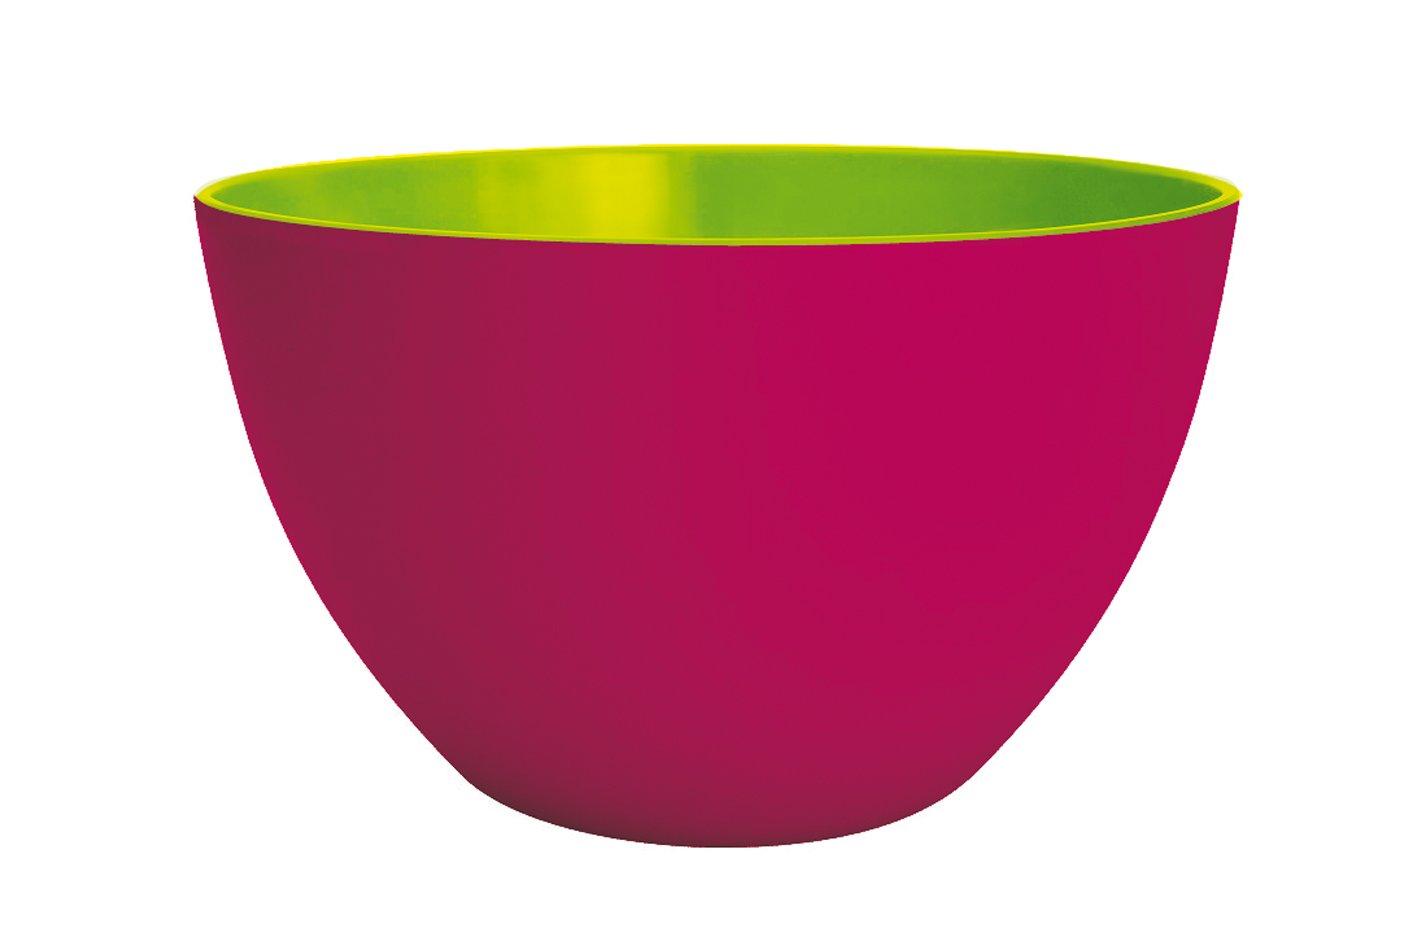 Designs 1701-1890 Duo Zak color rosa y verde 22 cm Ensaladera